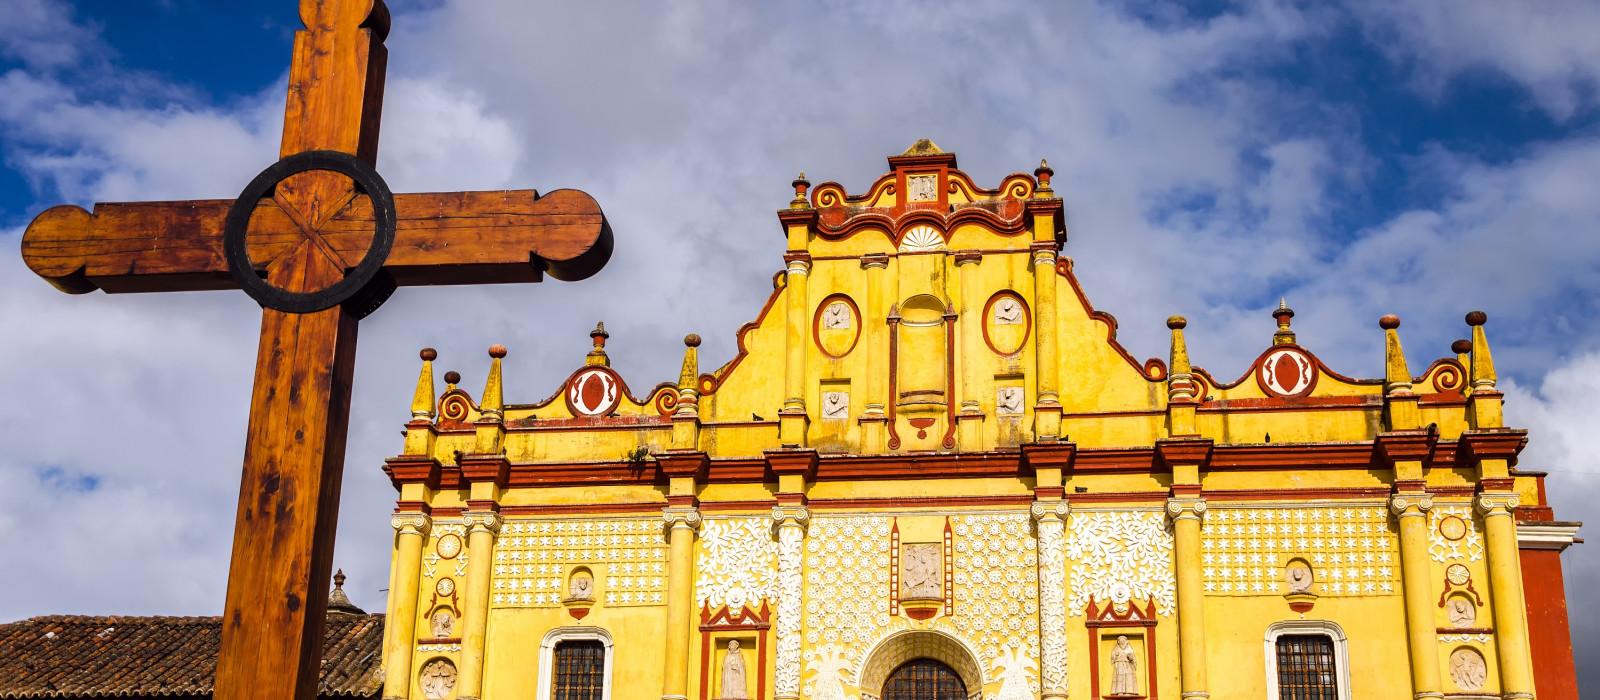 Reiseziel San Cristóbal de las Casas Mexiko